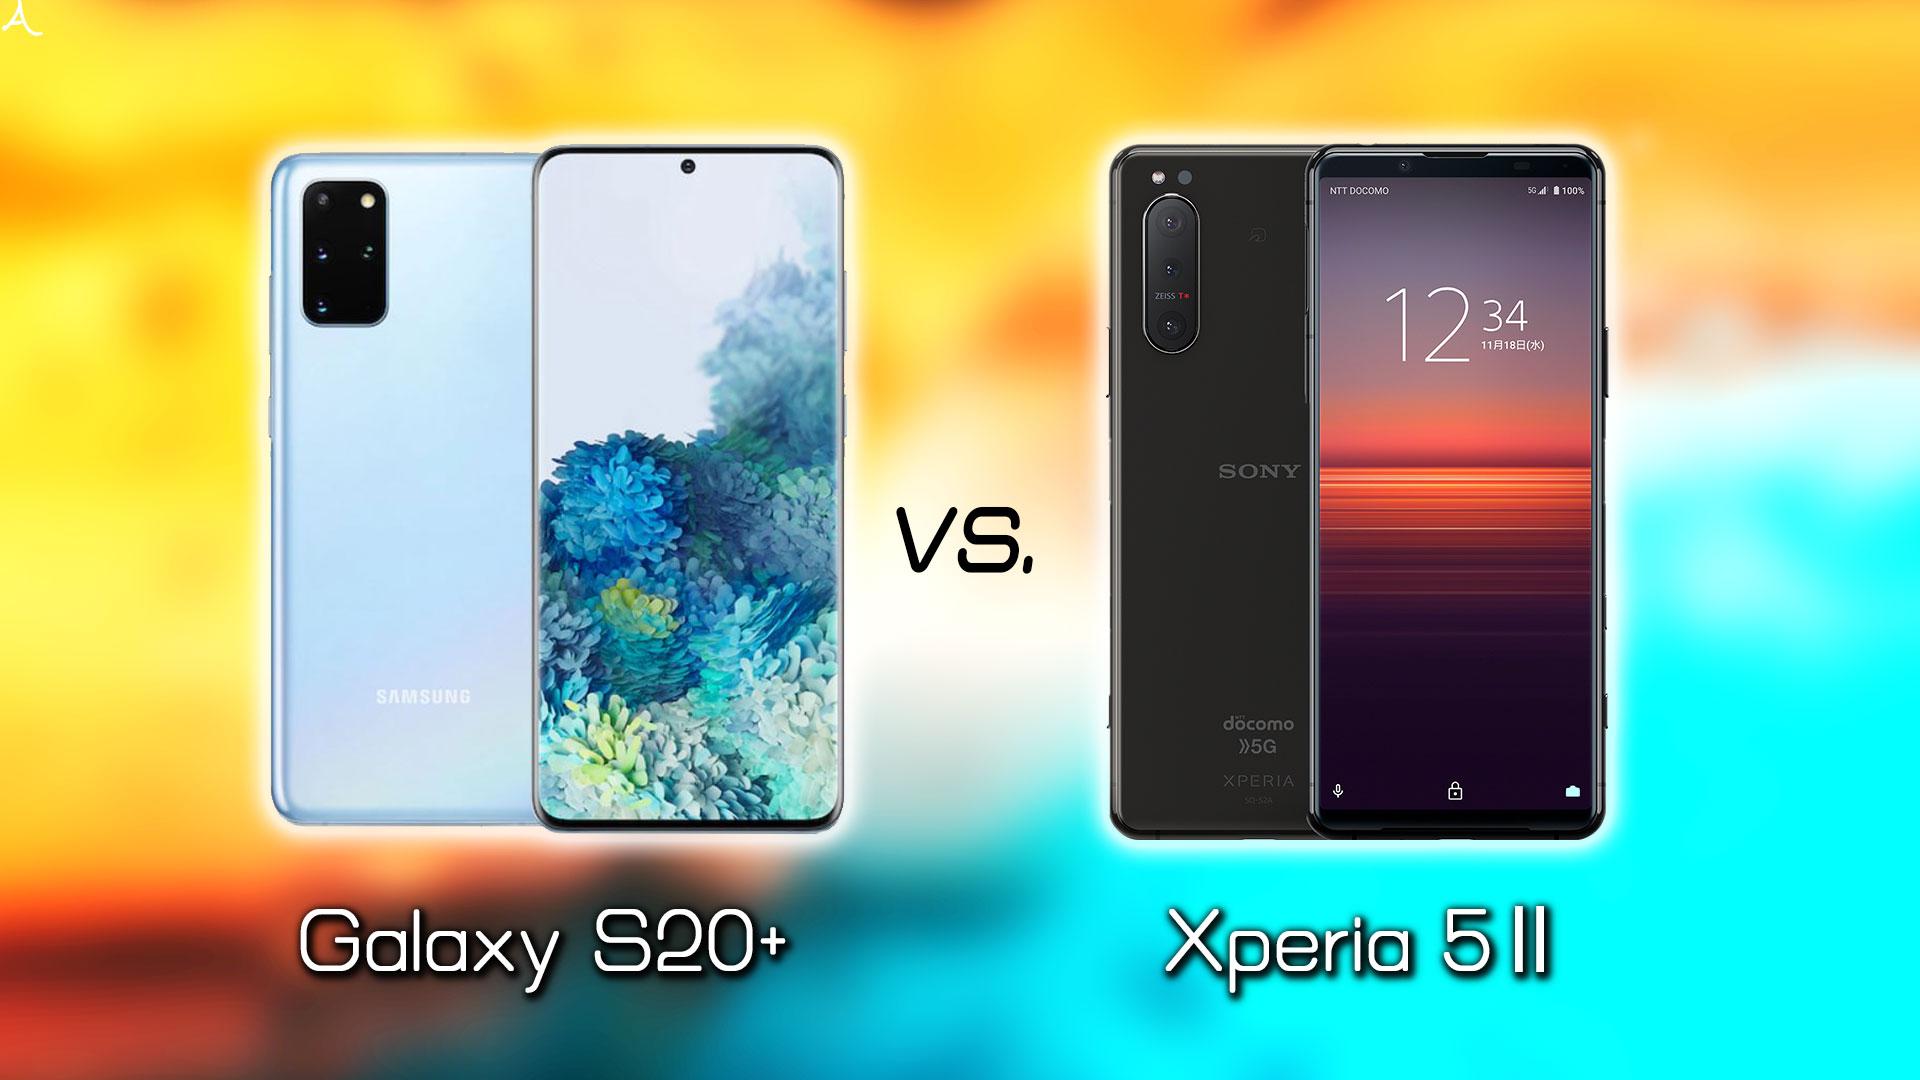 「Galaxy S20+(プラス)」と「Xperia 5 Ⅱ」のスペックや違いを細かく比較